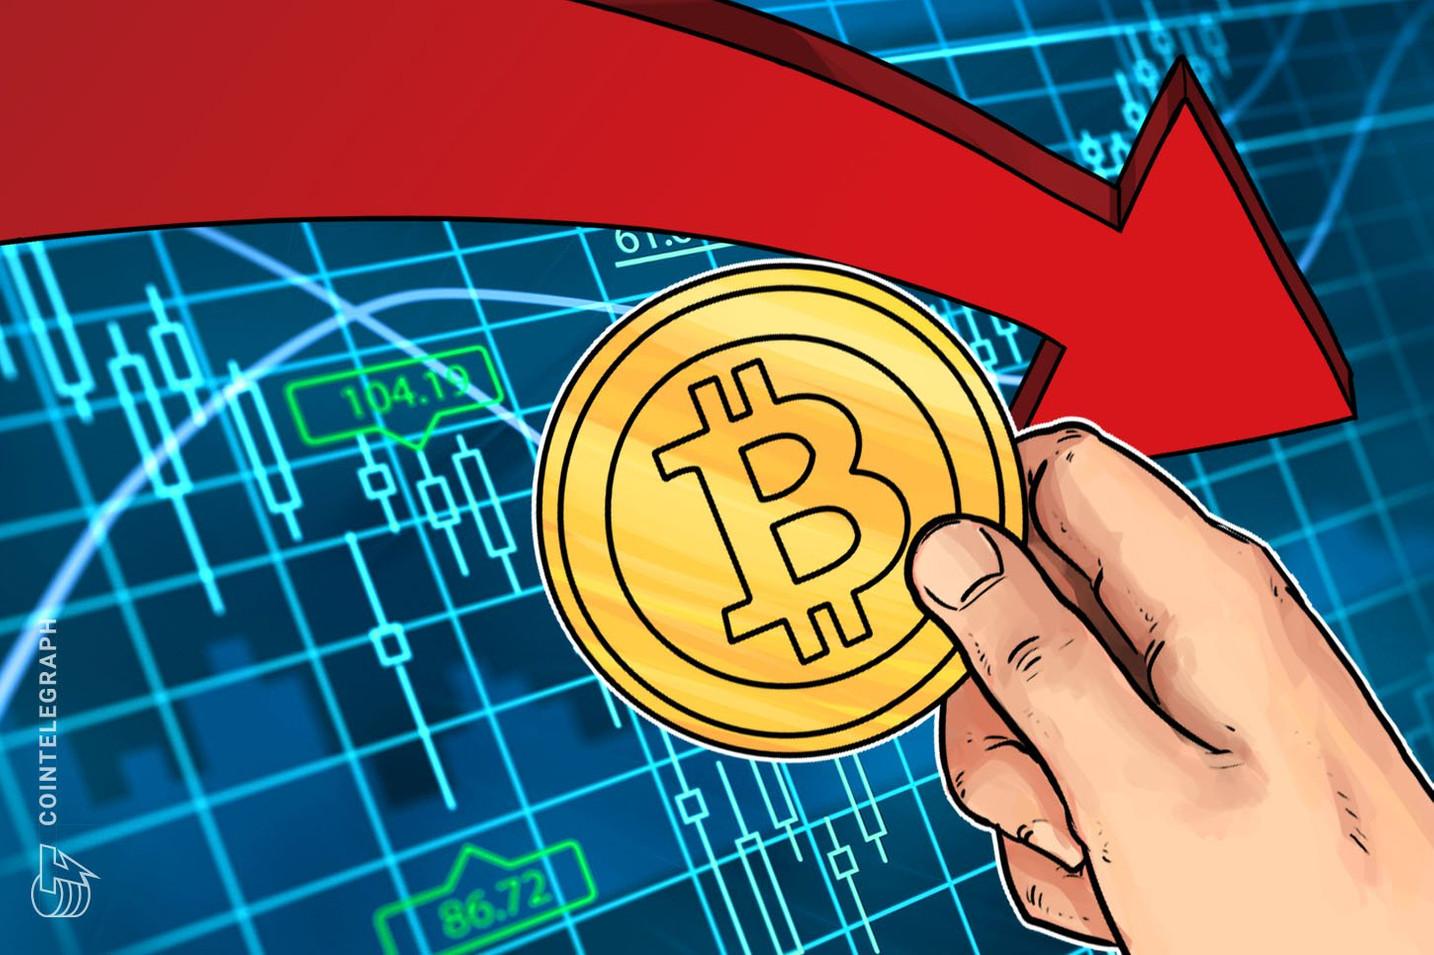 「ビットコインは3000ドル割り込む」=米仮想通貨投資顧問の創業者 アップルやフェイスブック株との相関関係は否定